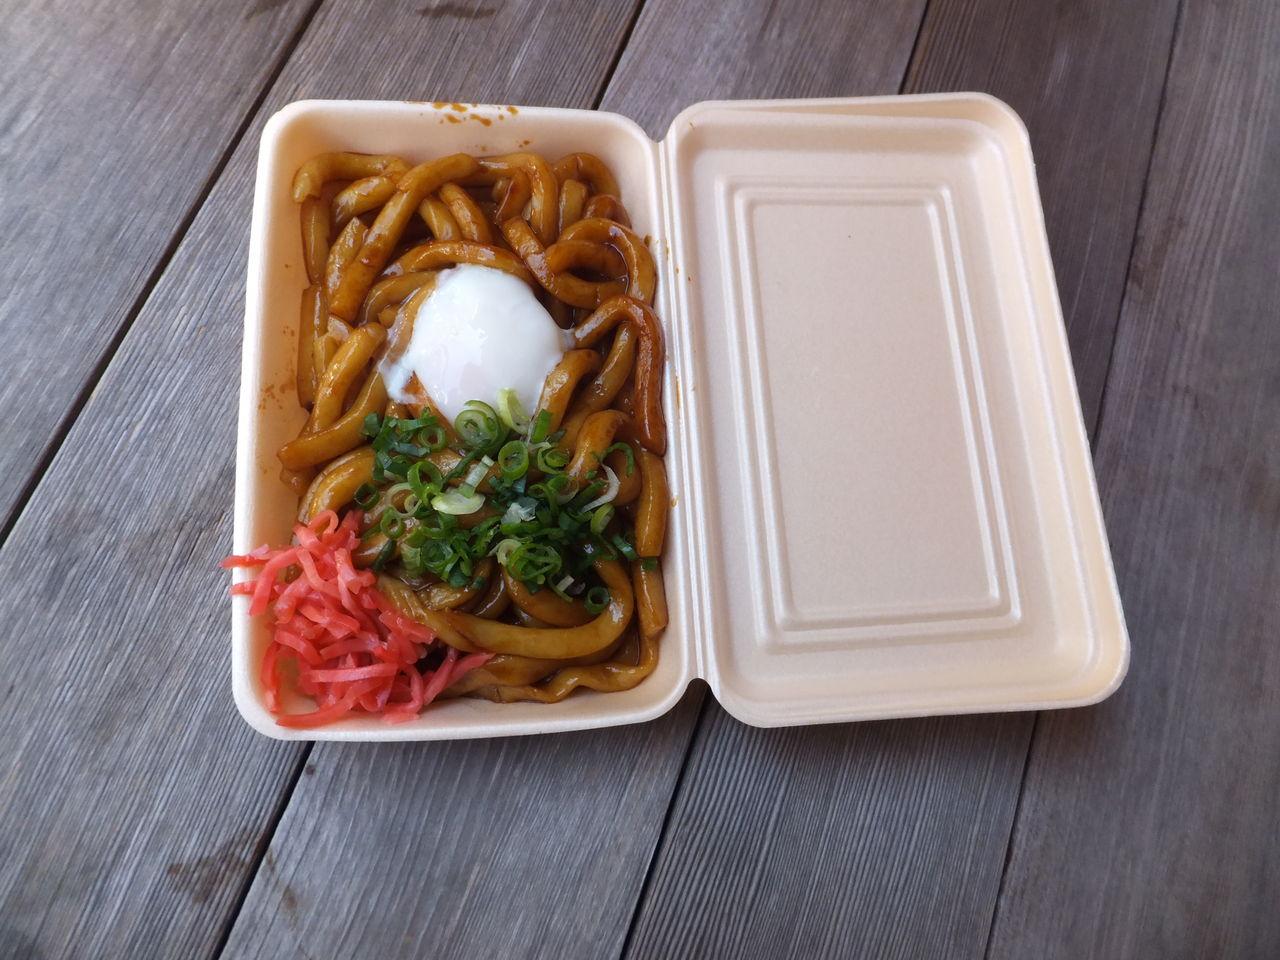 前回紹介した赤福本店の近くにある伊勢醤油本舗では、伊勢の名物で伊勢うどんではなく、ここでは伊勢焼きうどんが食べられます。  この写真はトッピングで温泉卵を ...